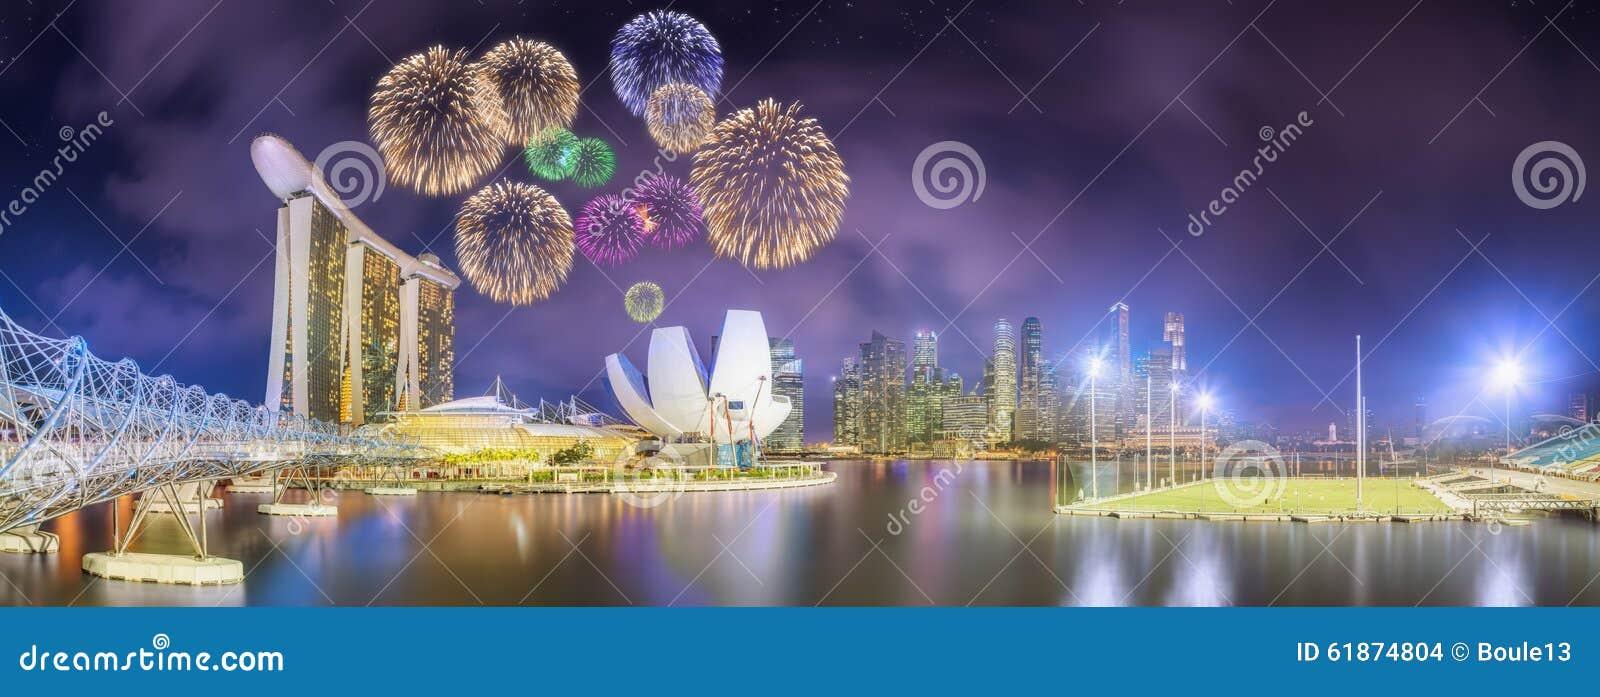 Schöne Feuerwerke in Marina Bay, Singapur-Skyline